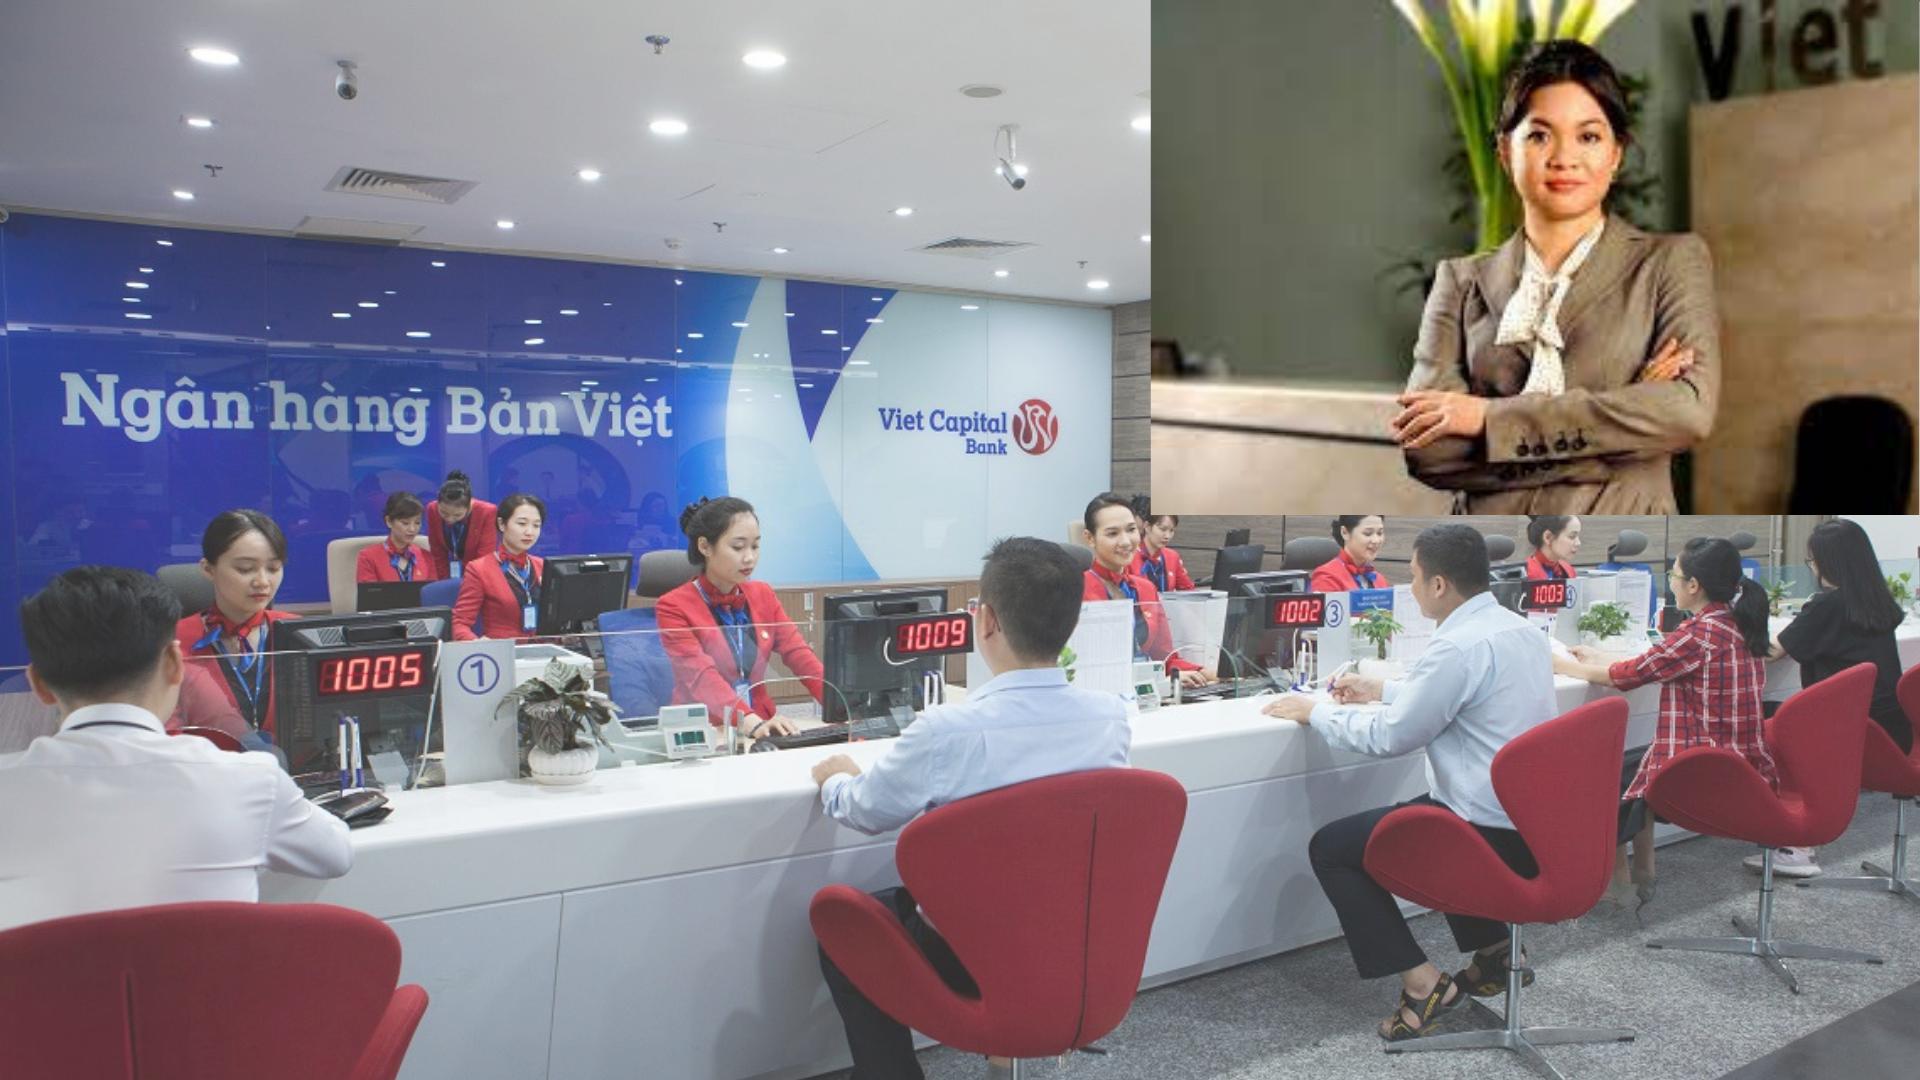 """Giữa cơn sốt giá, ngân hàng của bà Nguyễn Thanh Phượng thực hiện """"nước cờ"""" bất ngờ - Ảnh 1."""